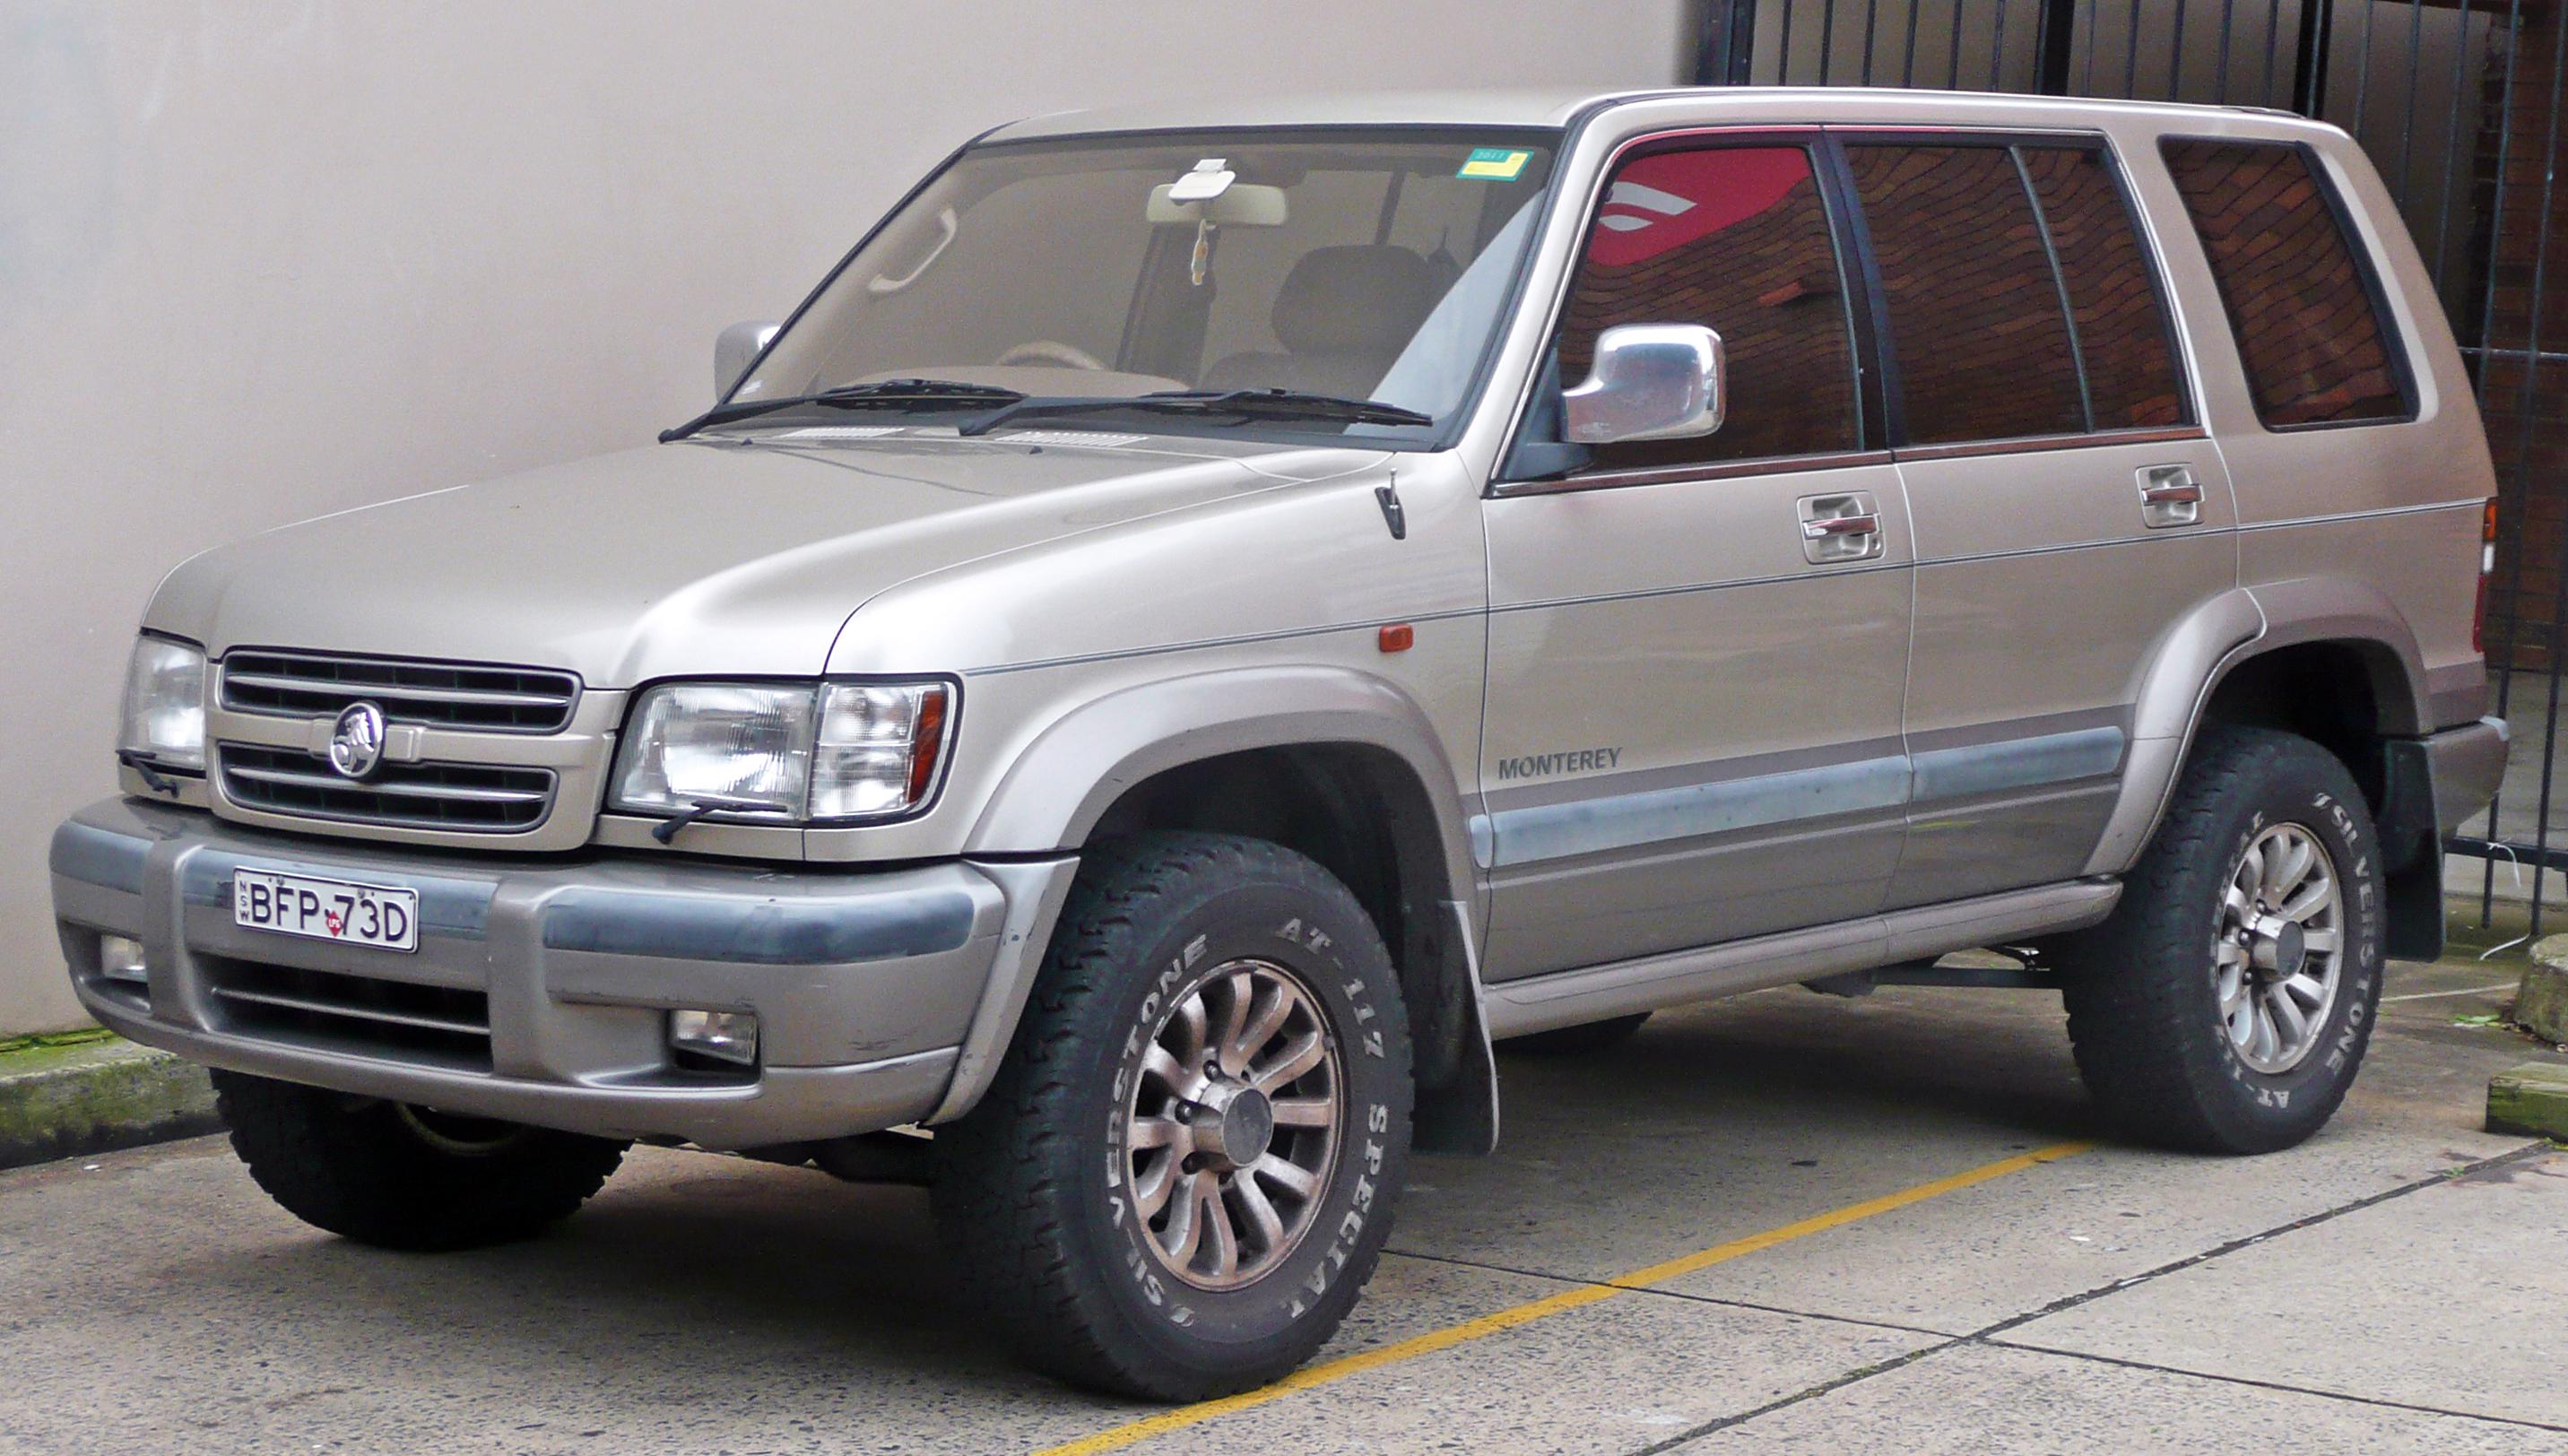 opel monterey a restyling 1998 1999 suv 3 door outstanding cars rh carsot com 1999 Acura 4 Door 1999 Acura Legend